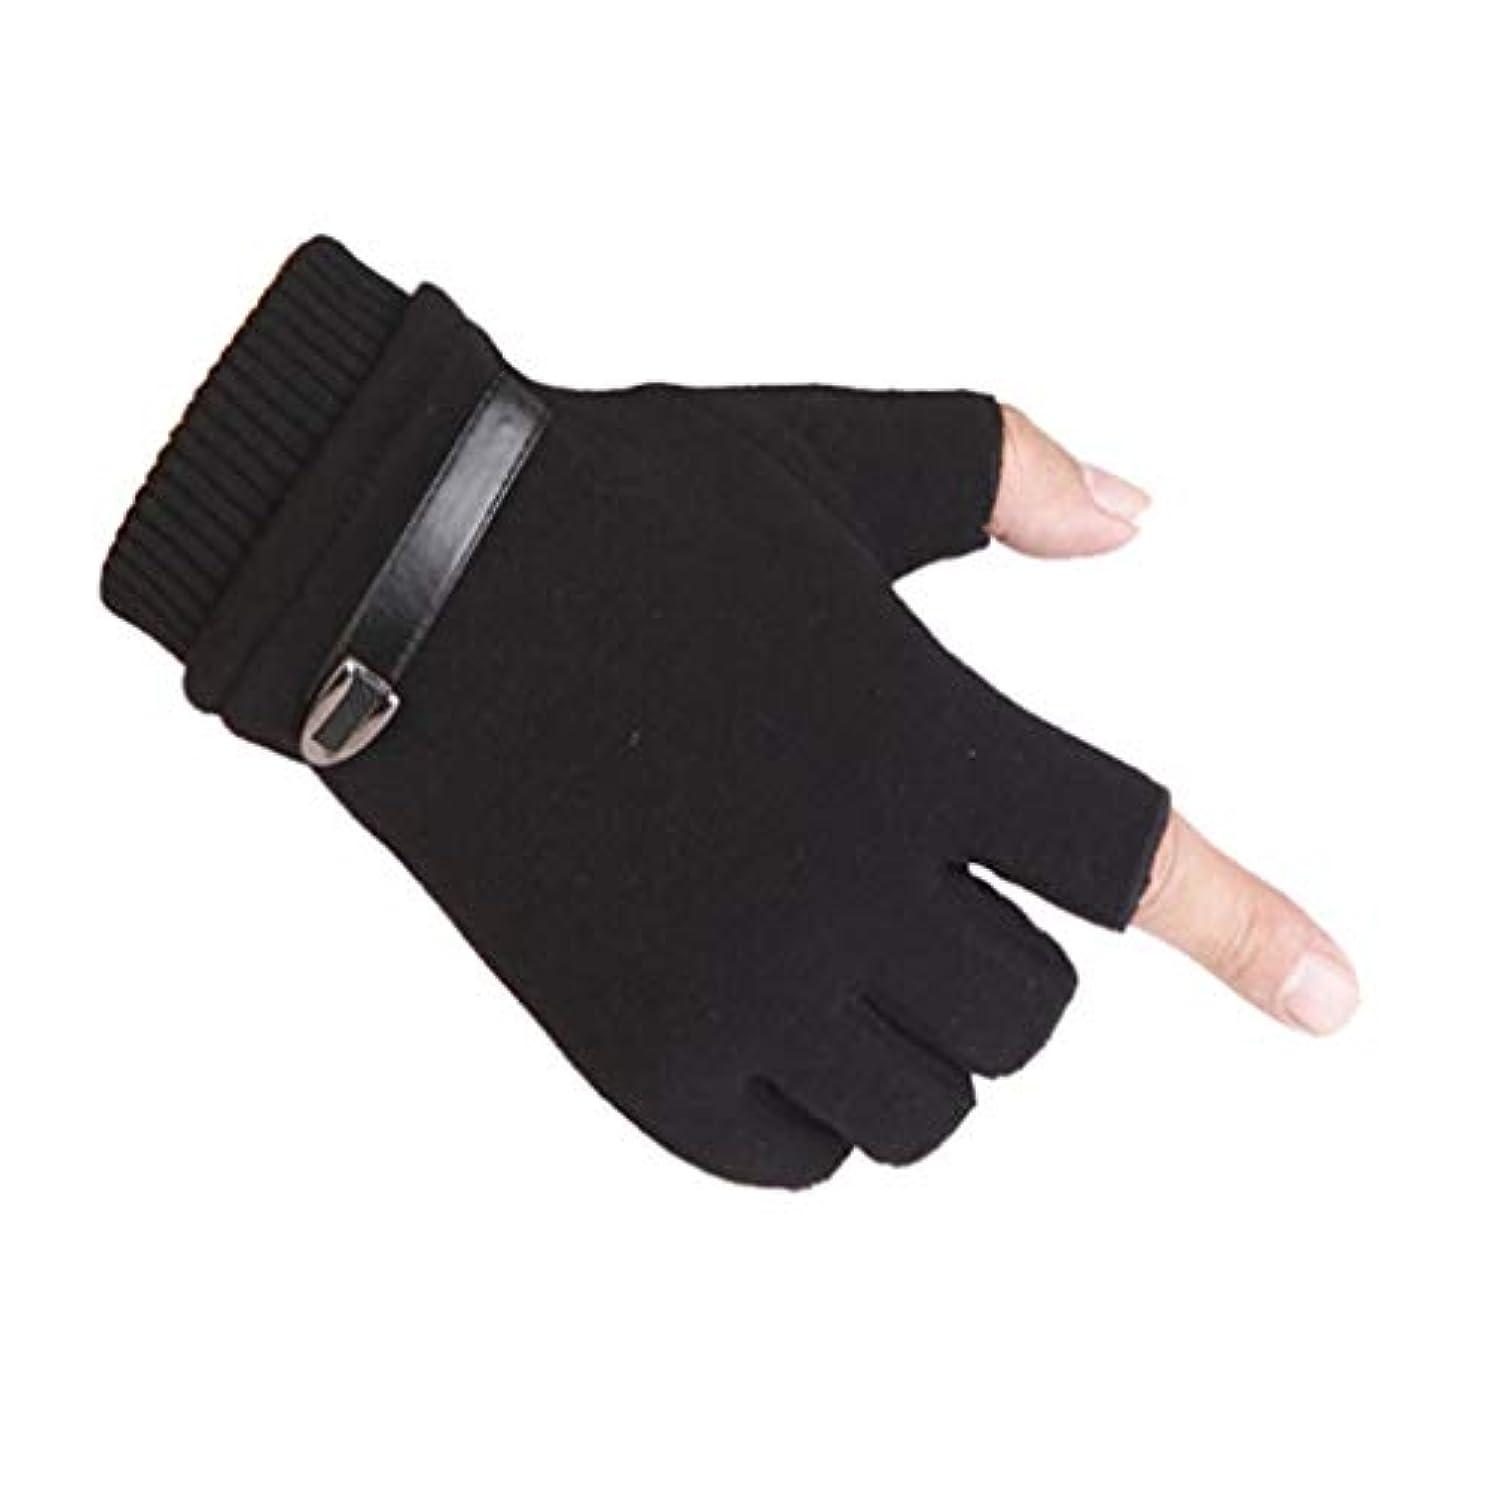 テレックス爪折り目秋と冬プラスベルベット肥厚ハーフフィンガー手袋男性と女性ベルベット生徒は指を離してカップルの手袋黒の男性モデルに乗ってコンピュータタイピングを書くことではない